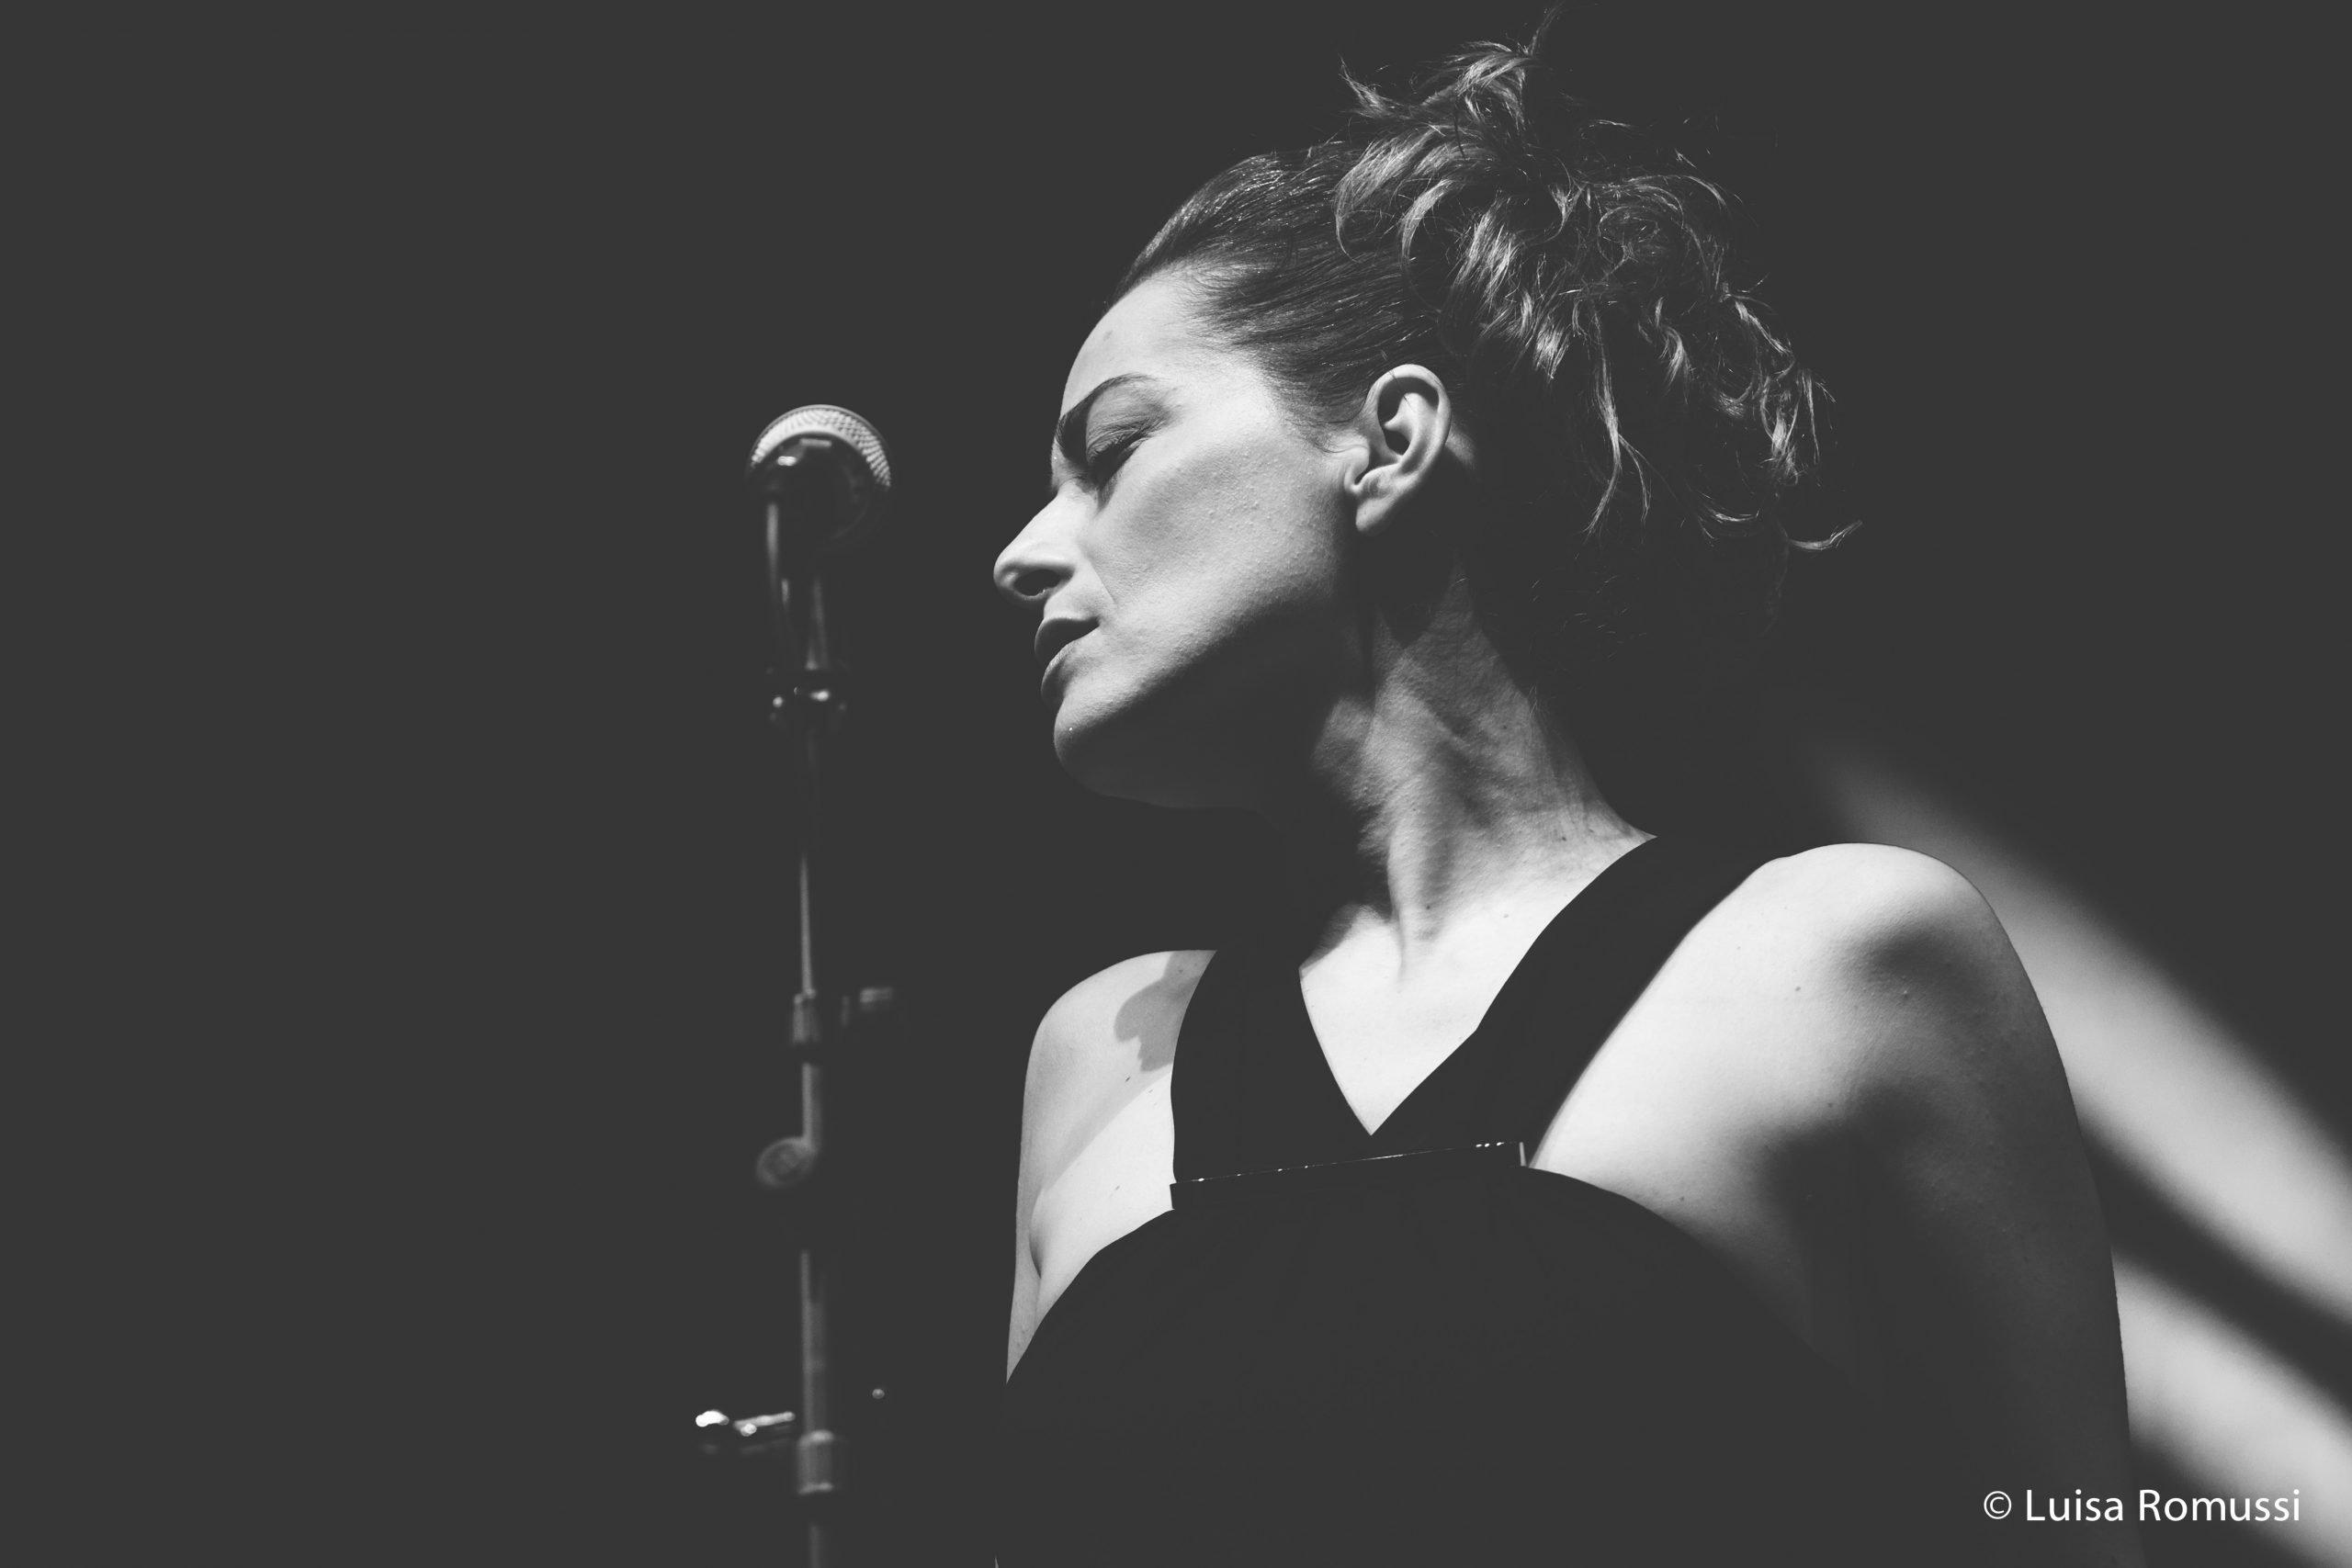 Pilar - Ivrea Giacosa - Foto di Luisa Romussi